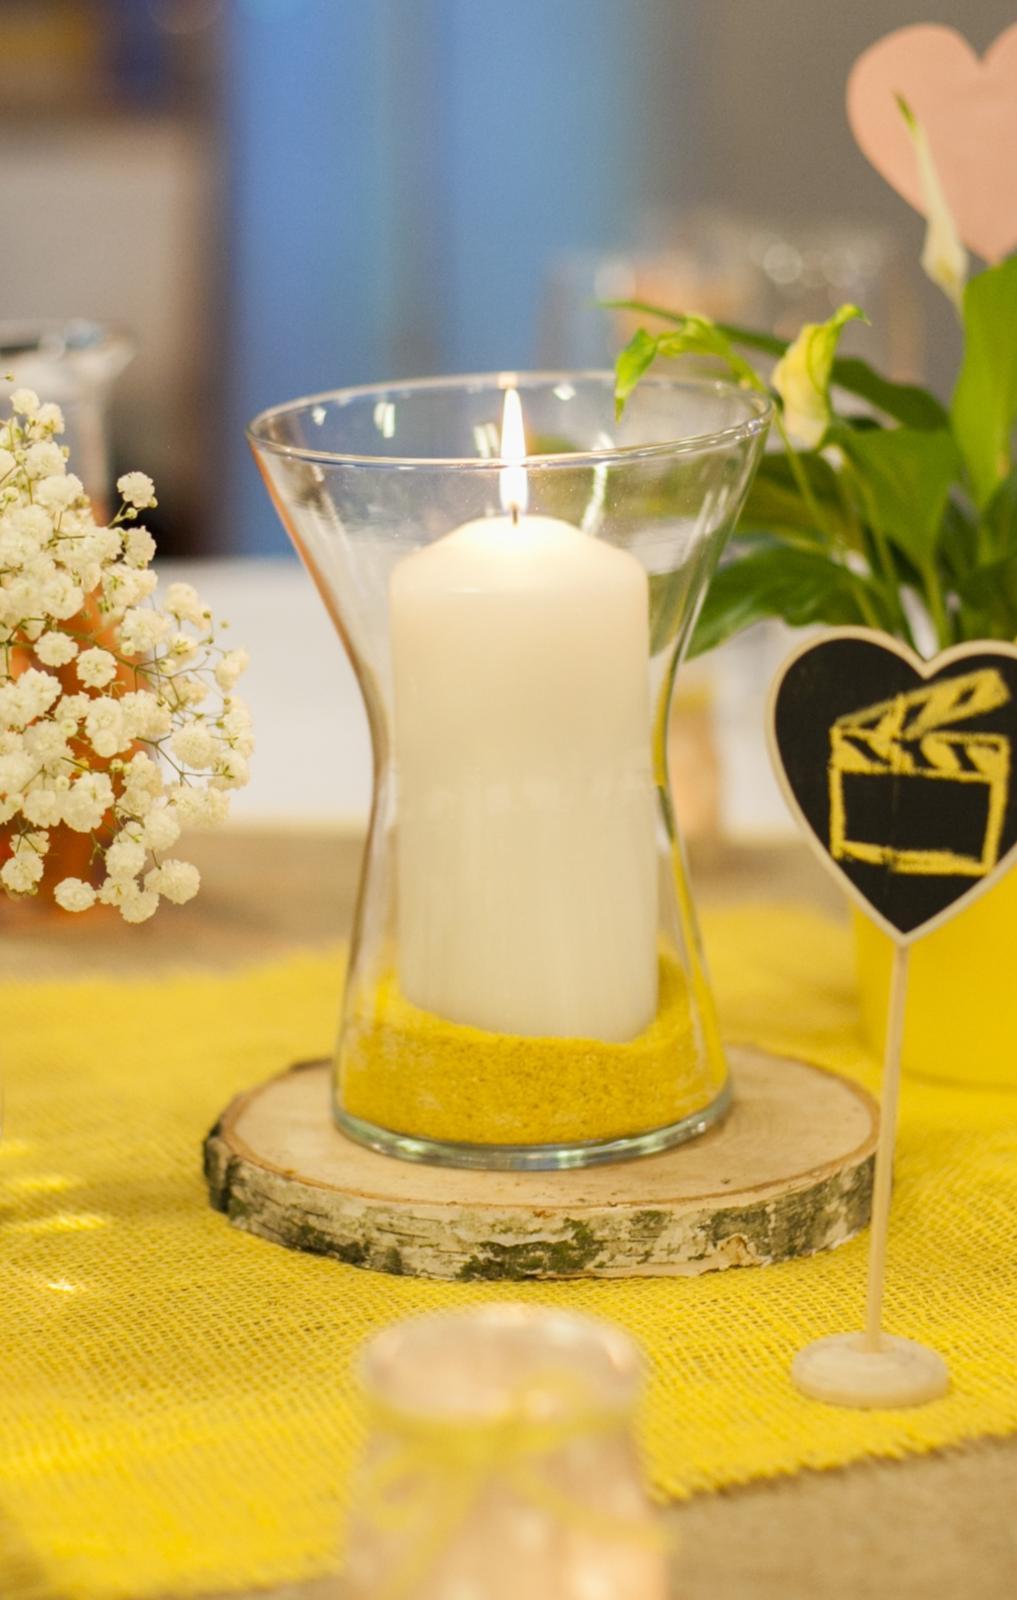 Prenájom - sklenená váza 19,5 cm - Obrázok č. 1